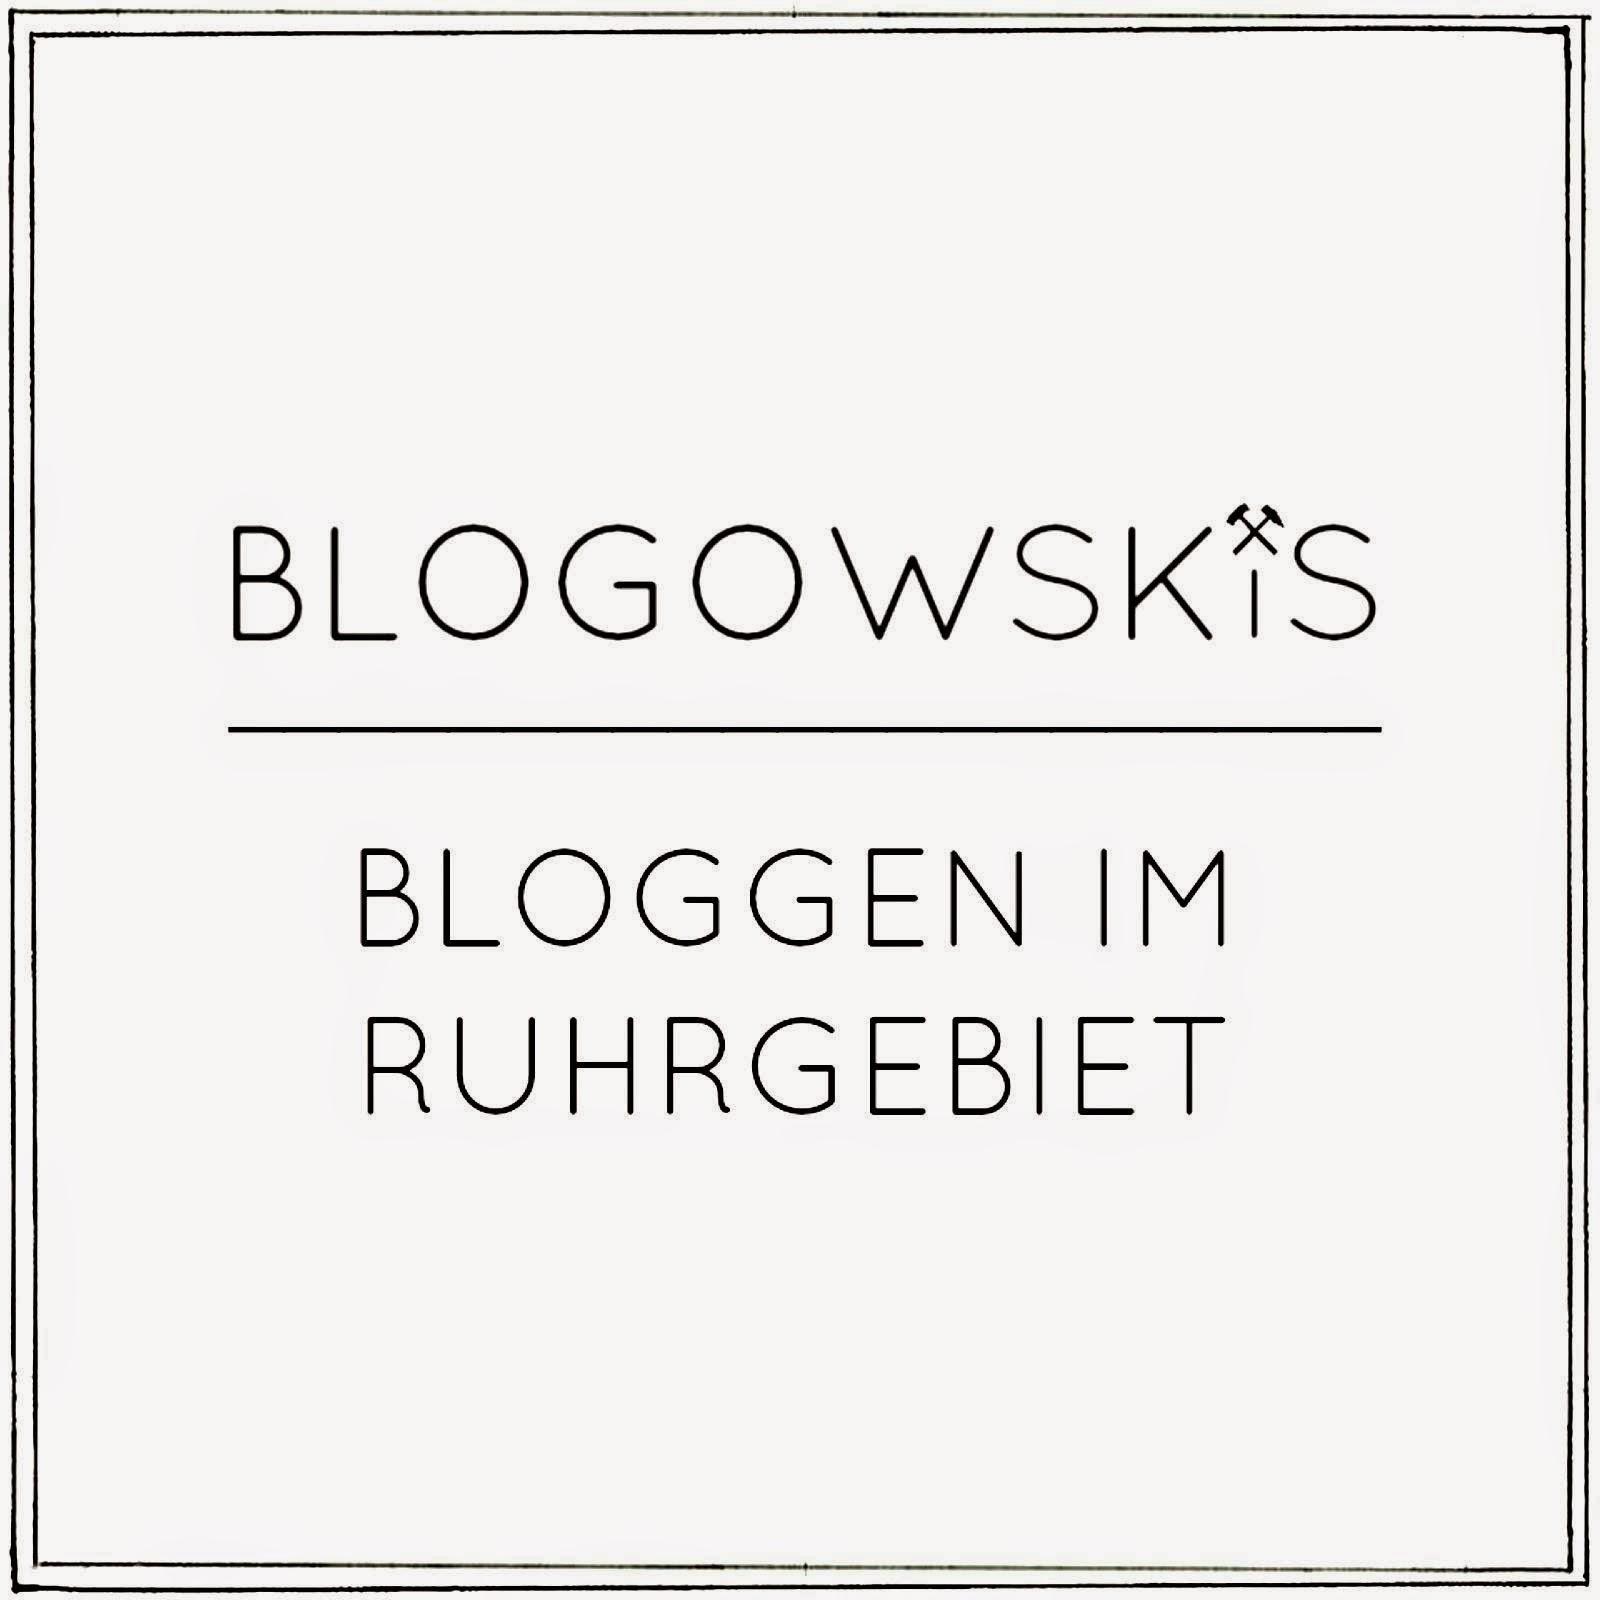 Blogowski Icon